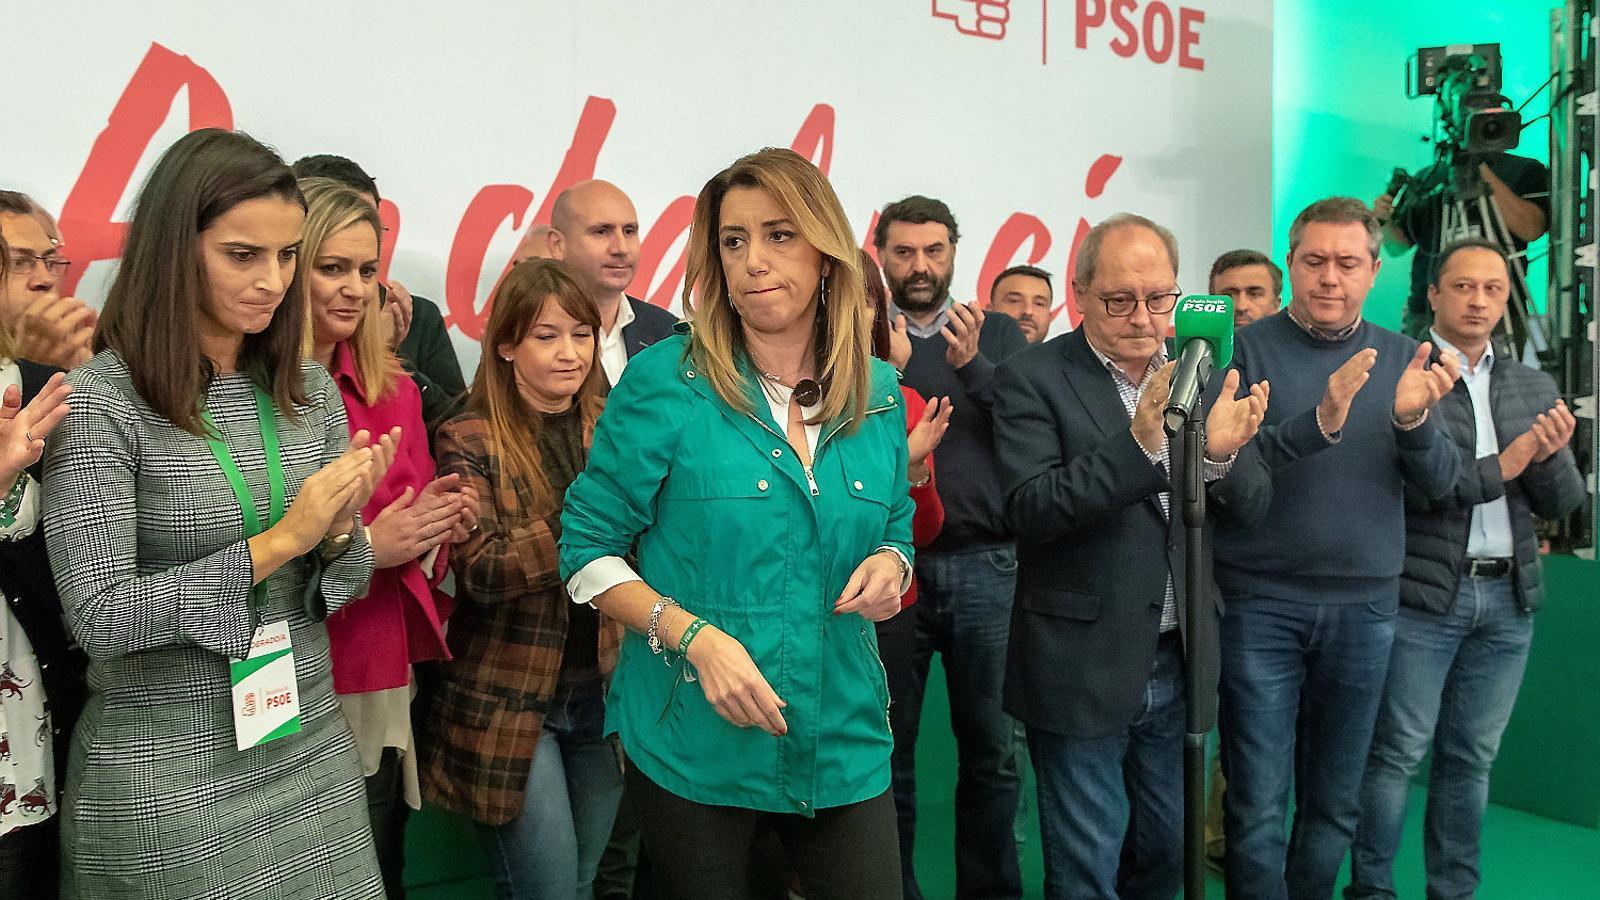 La ultradreta liquida l'hegemonia del PSOE a Andalusia